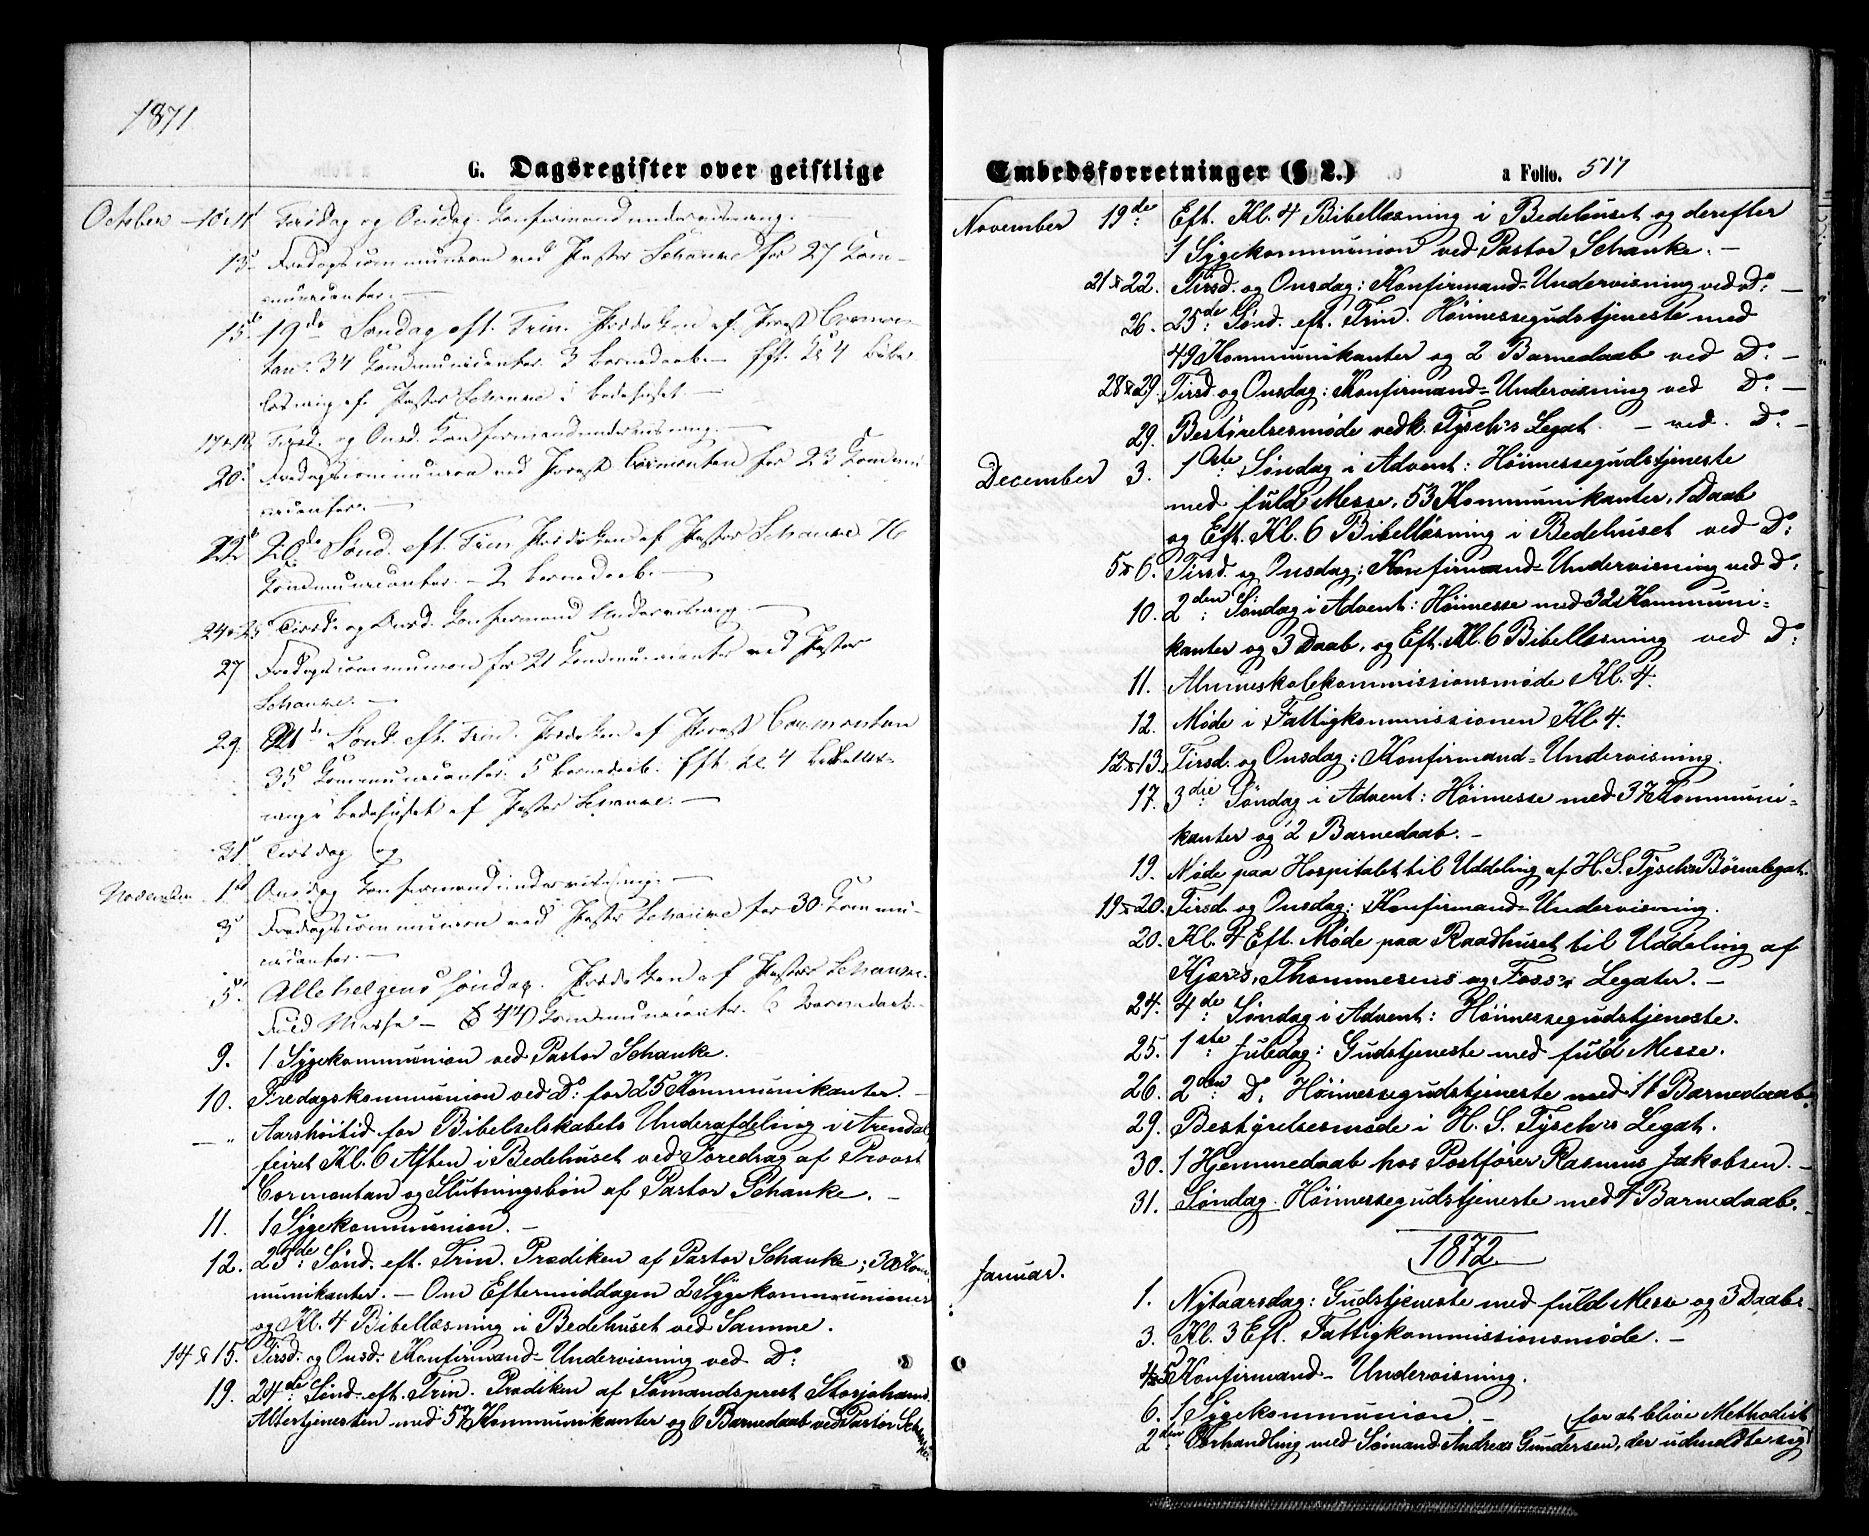 SAK, Arendal sokneprestkontor, Trefoldighet, F/Fa/L0007: Ministerialbok nr. A 7, 1868-1878, s. 517